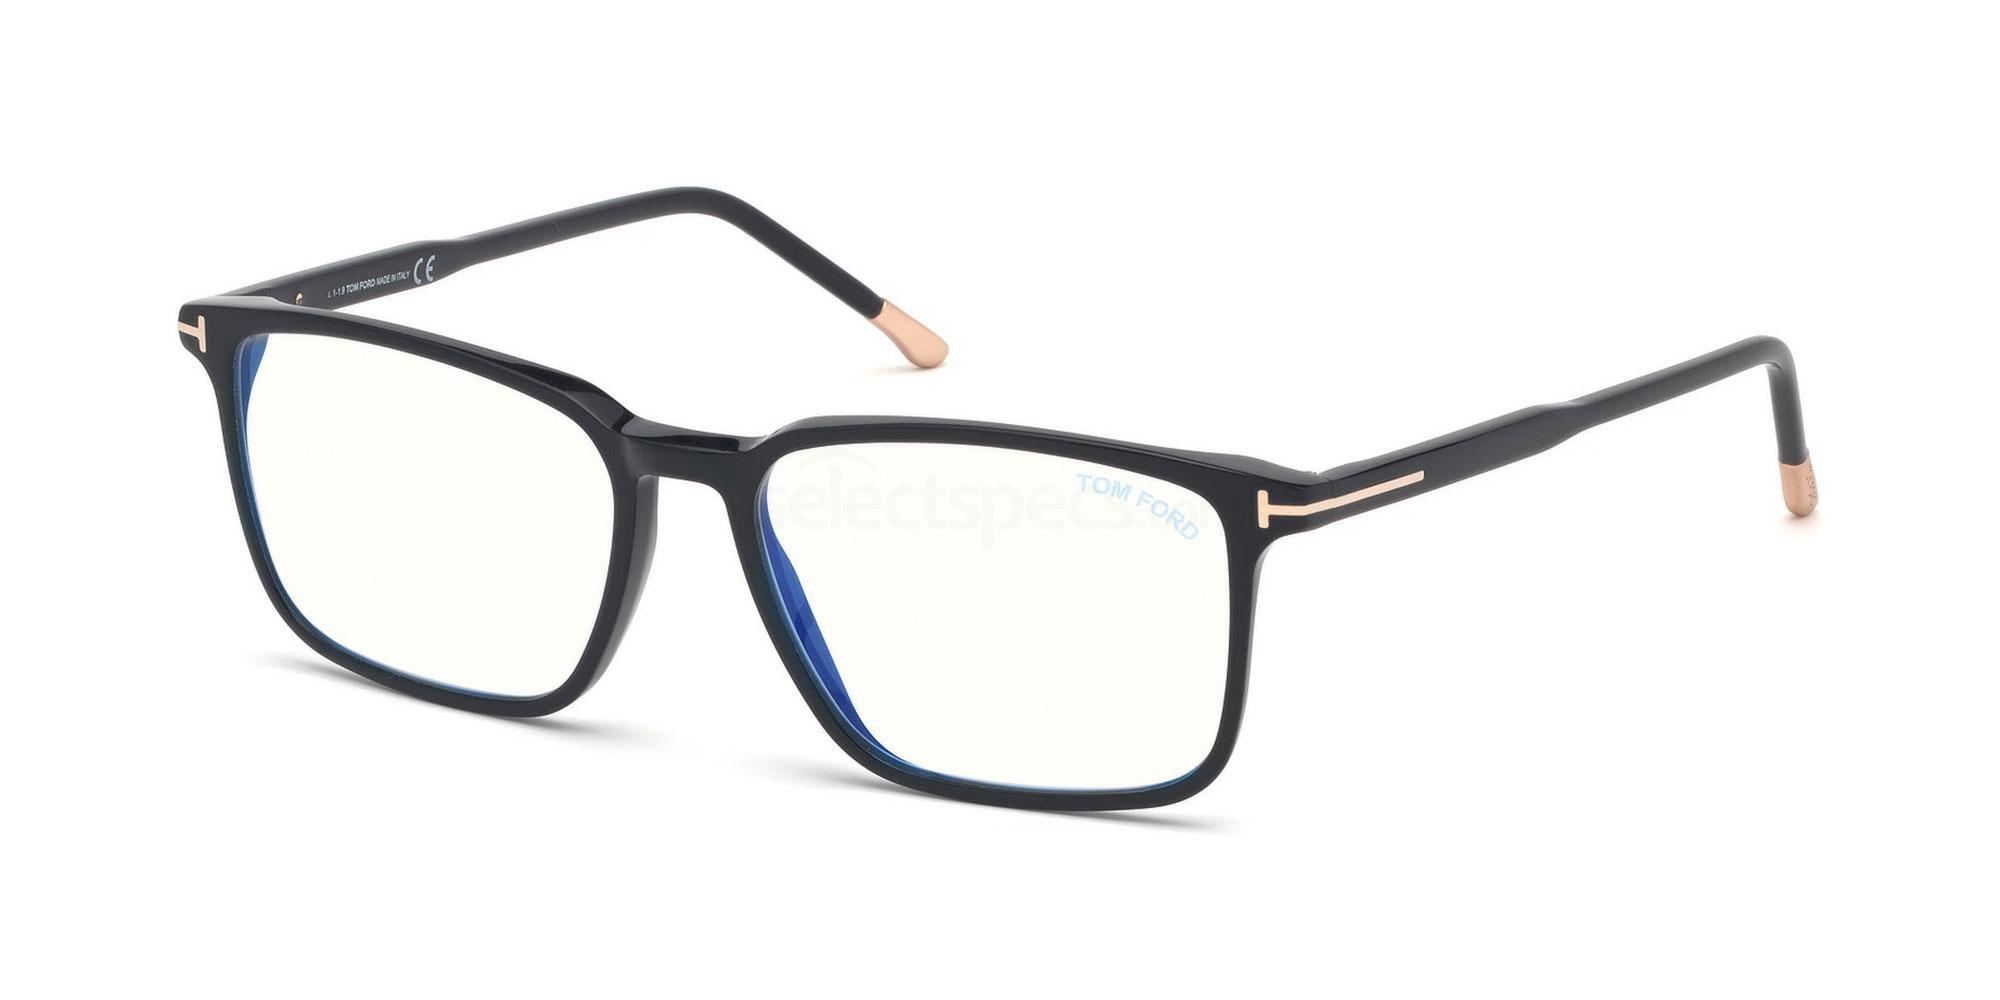 001 FT5607-B Glasses, Tom Ford